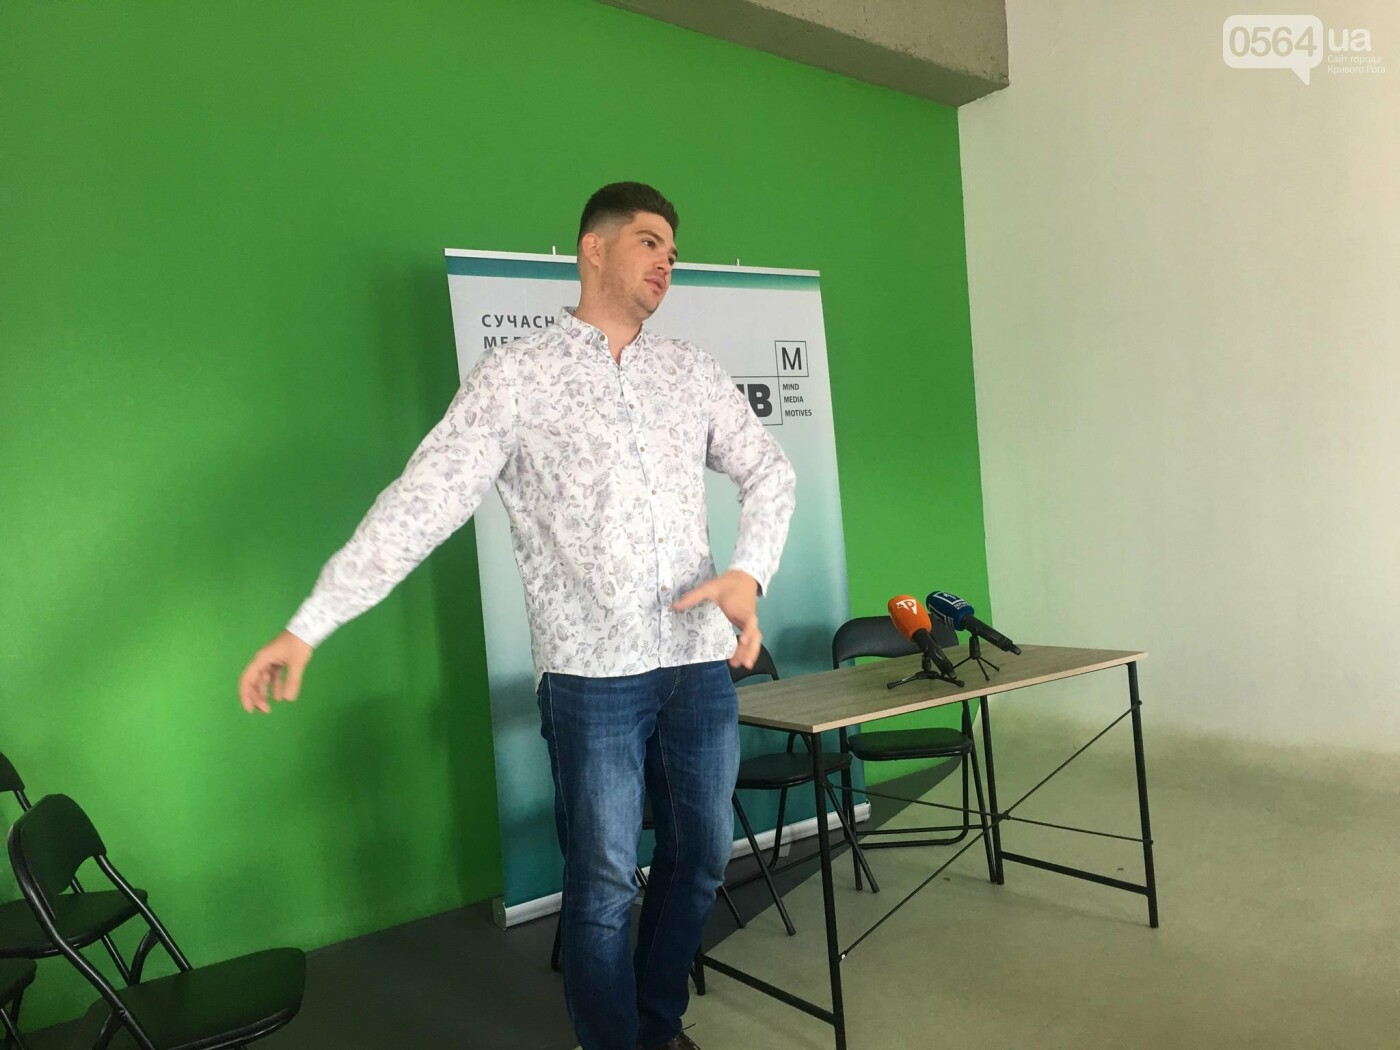 """В Кривом Роге презентовали онлайн-платформу """"Господарі"""", - ФОТО, ВИДЕО , фото-9"""